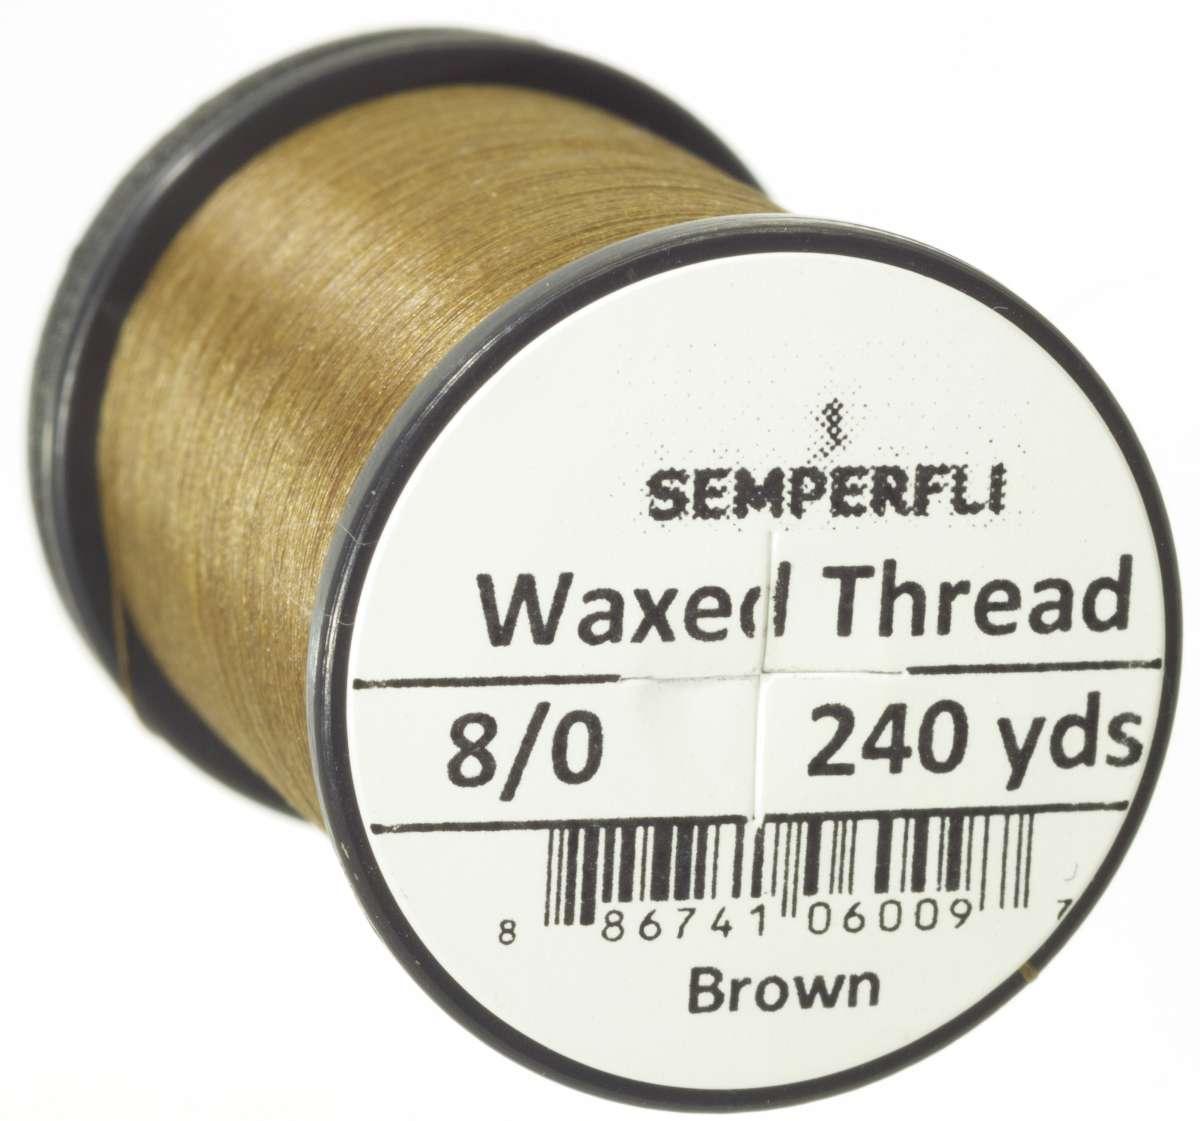 8/0 Classic Waxed Thread Brown Sem-0400-1820